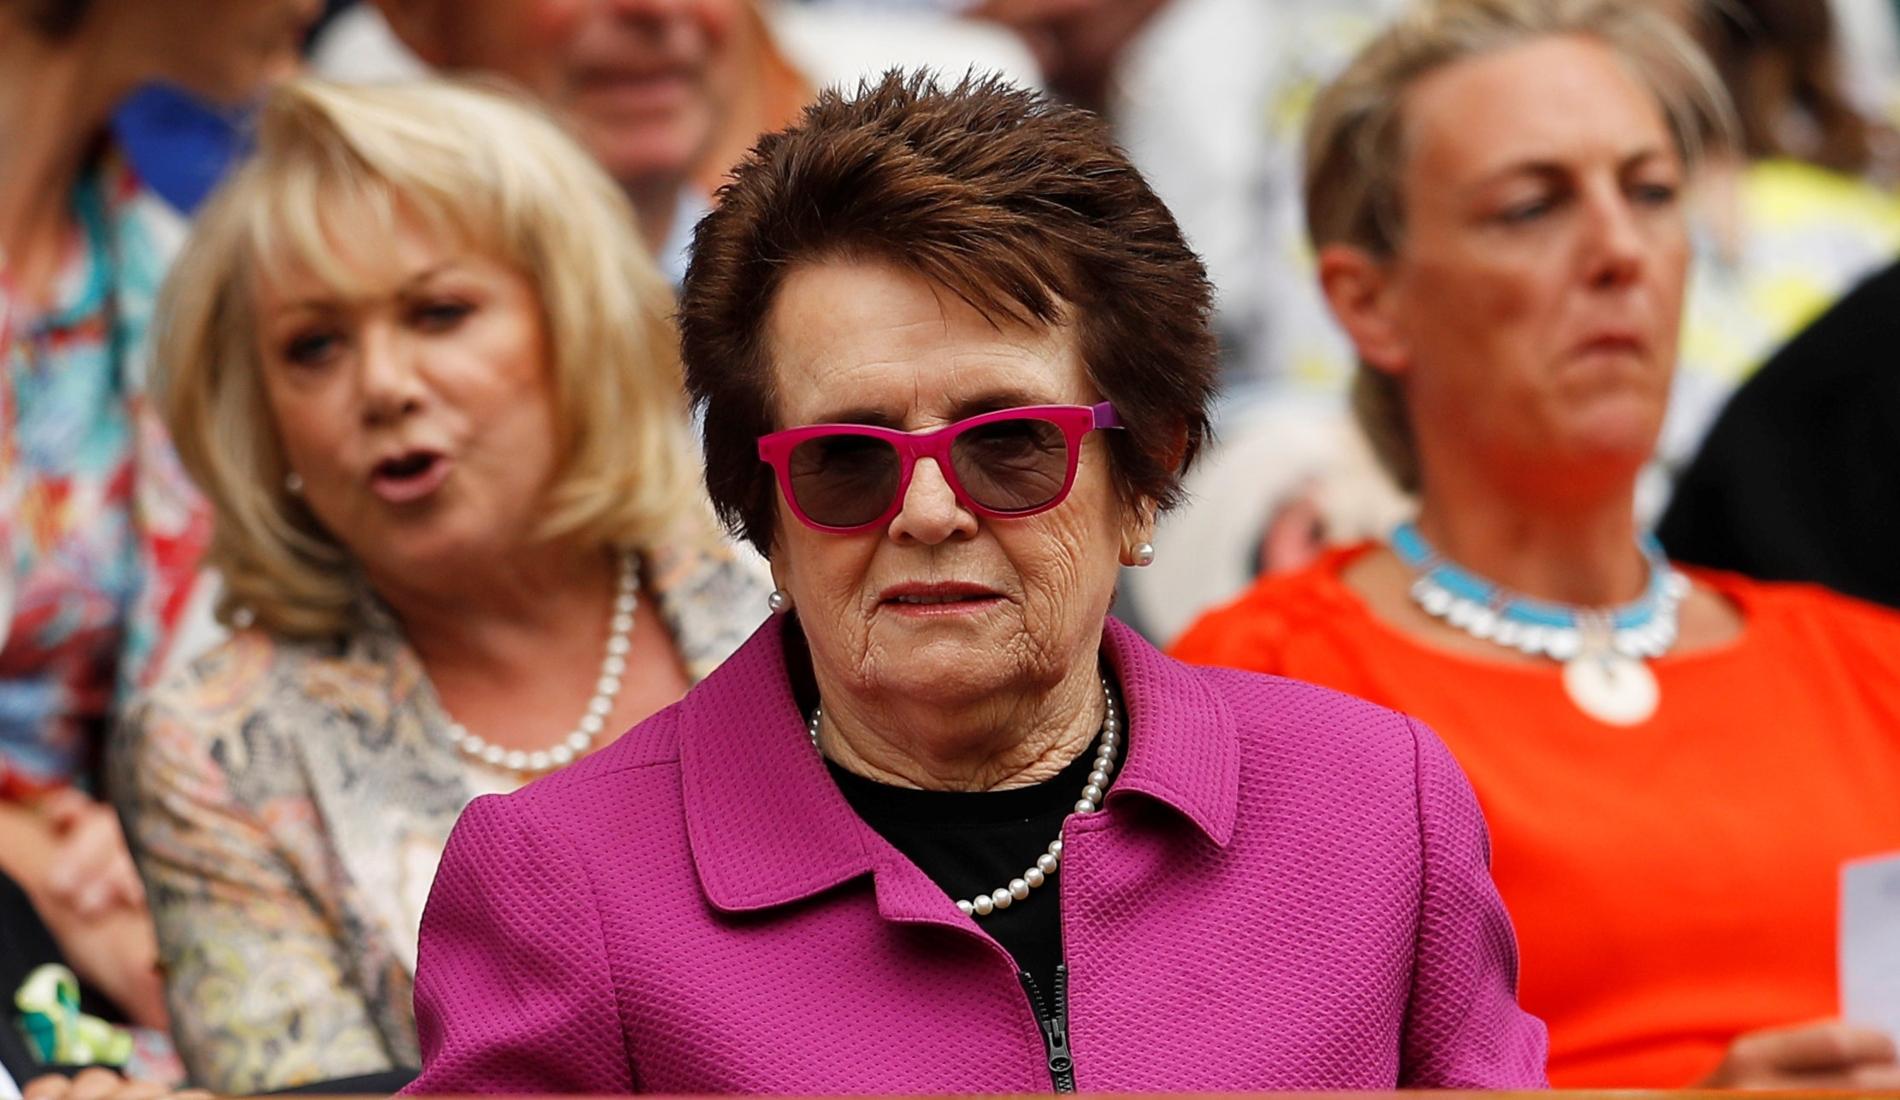 Billie Jean King at Wimbledon in 2018